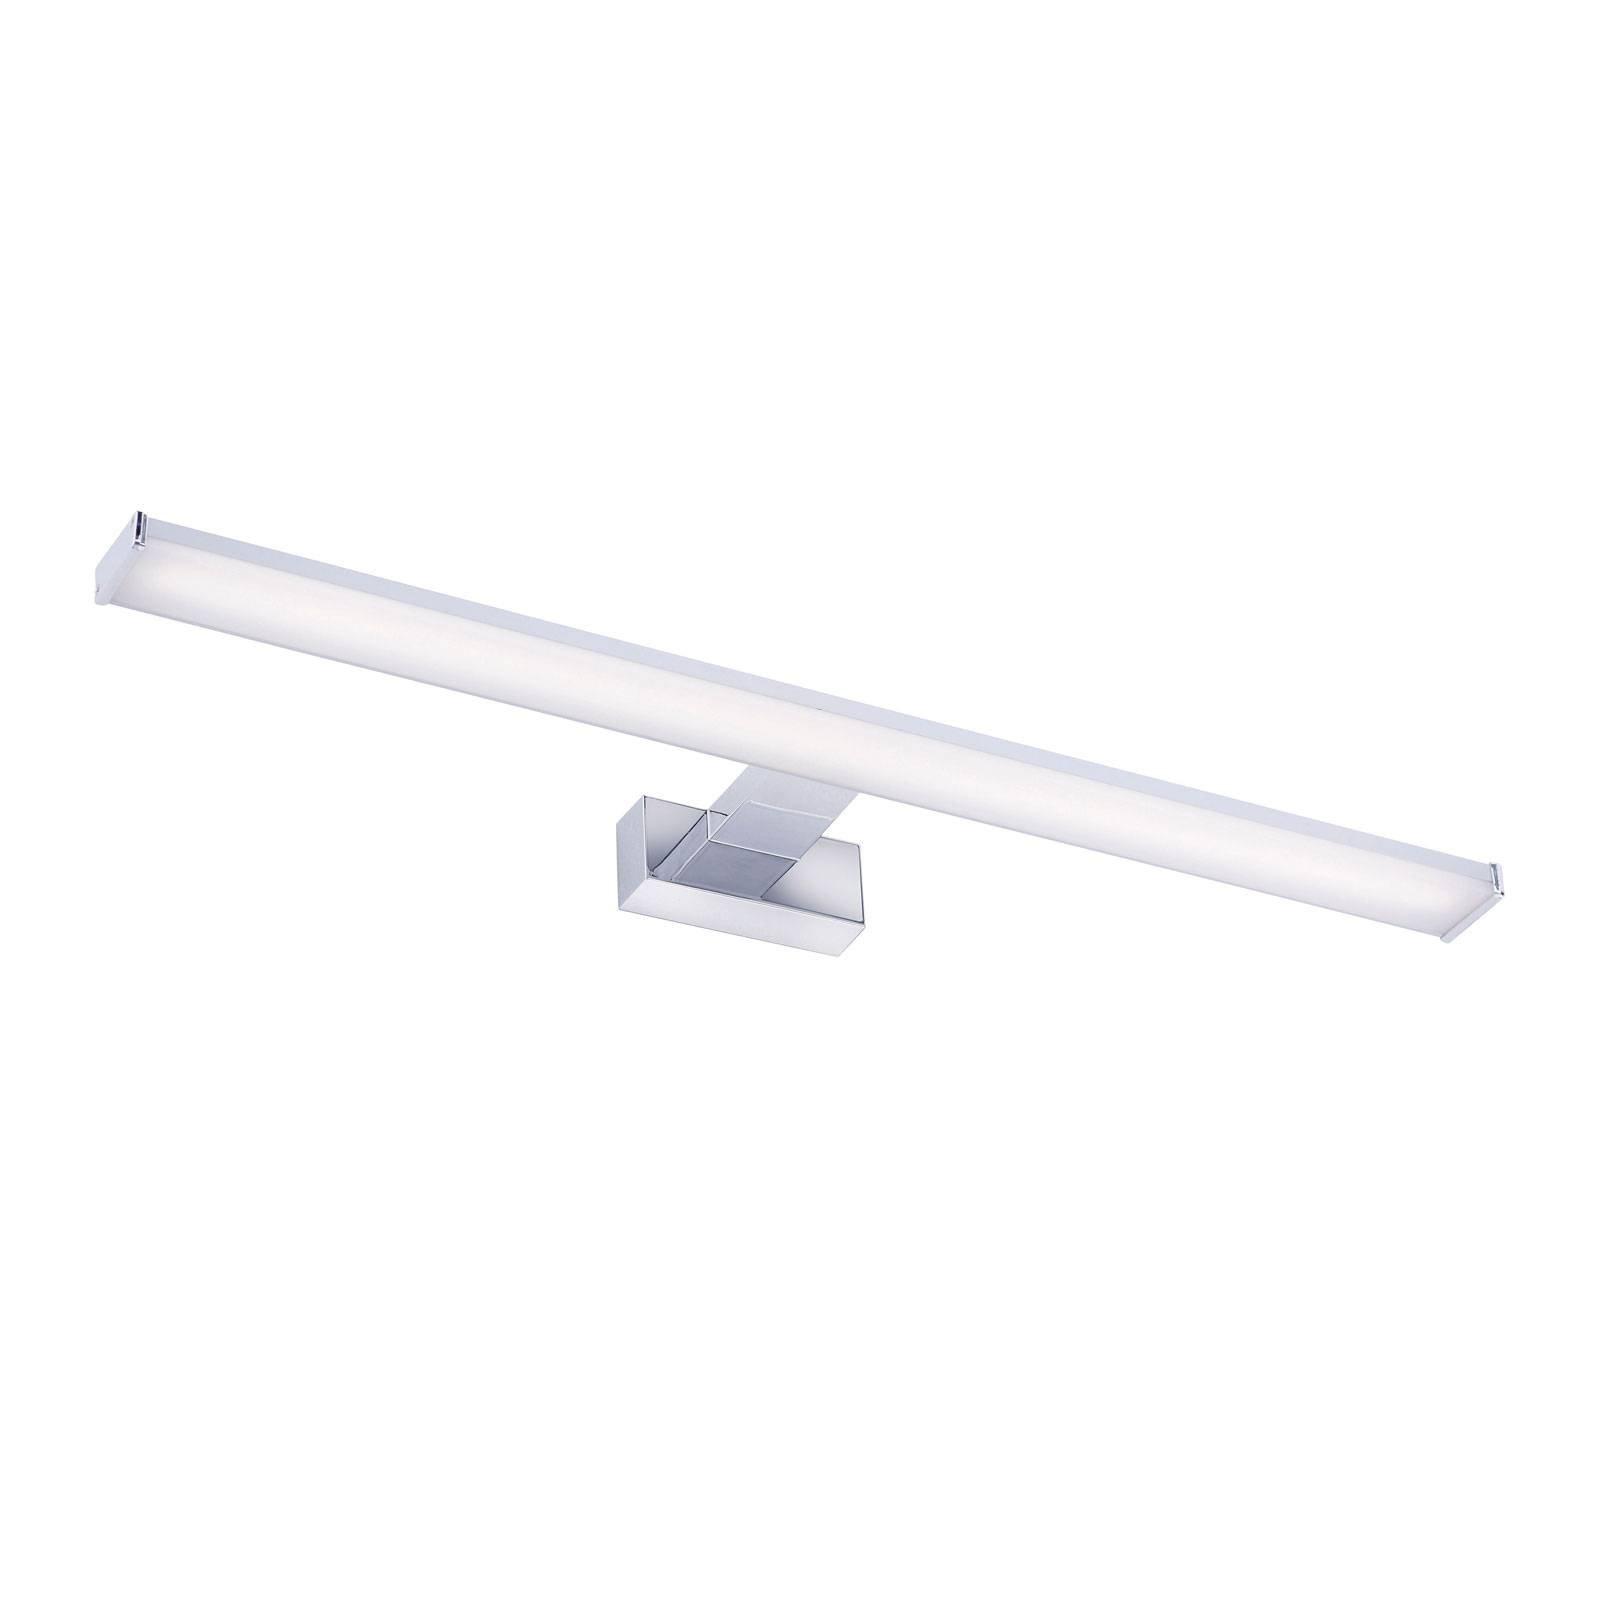 Mattis LED-speillampe, 60 cm